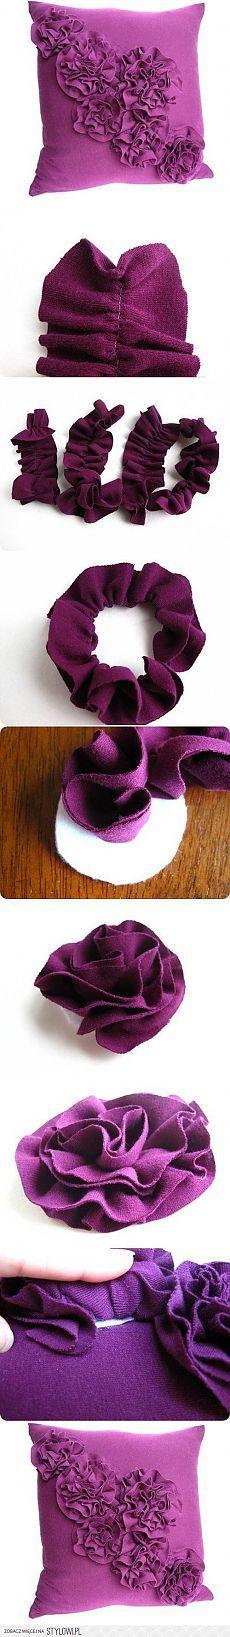 Подушка с цветочным декором